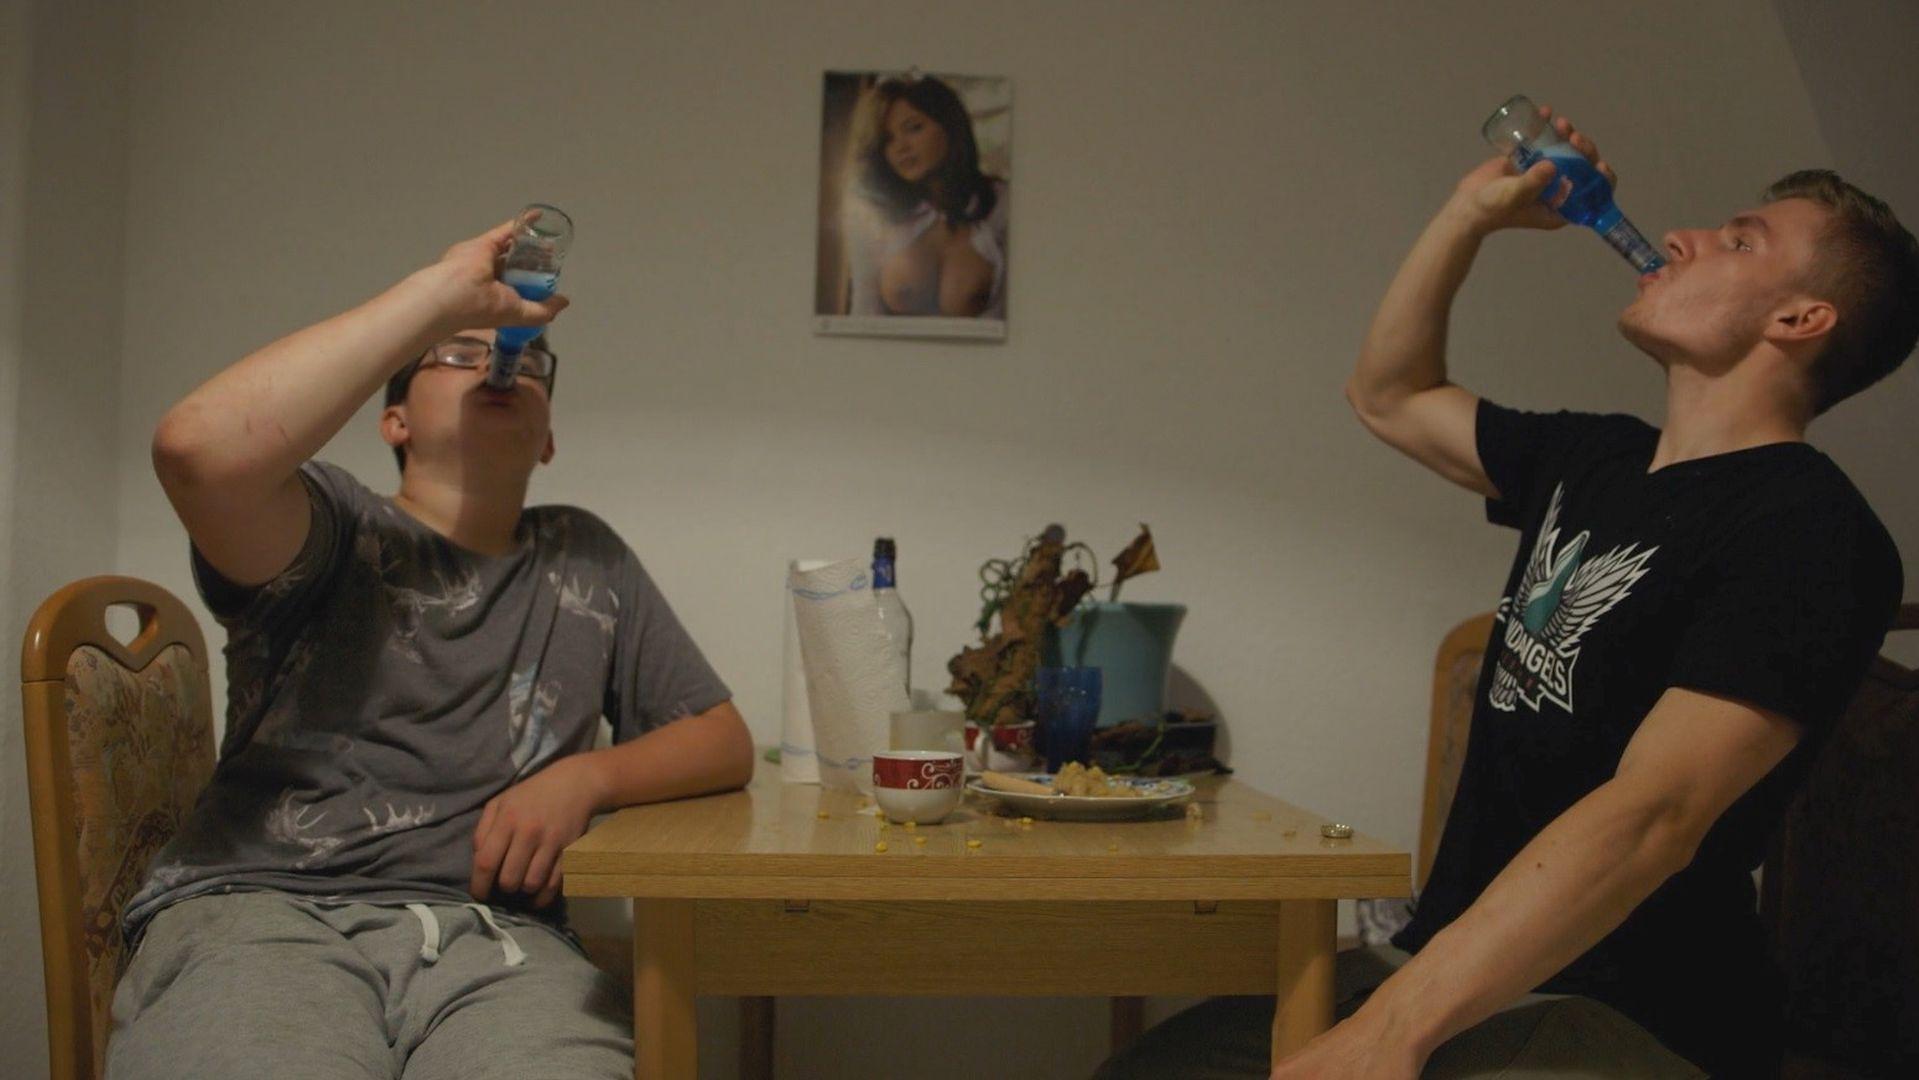 Jedna z ulubionych rozrywek Maksa (z prawej) to picie alkoholu na czas